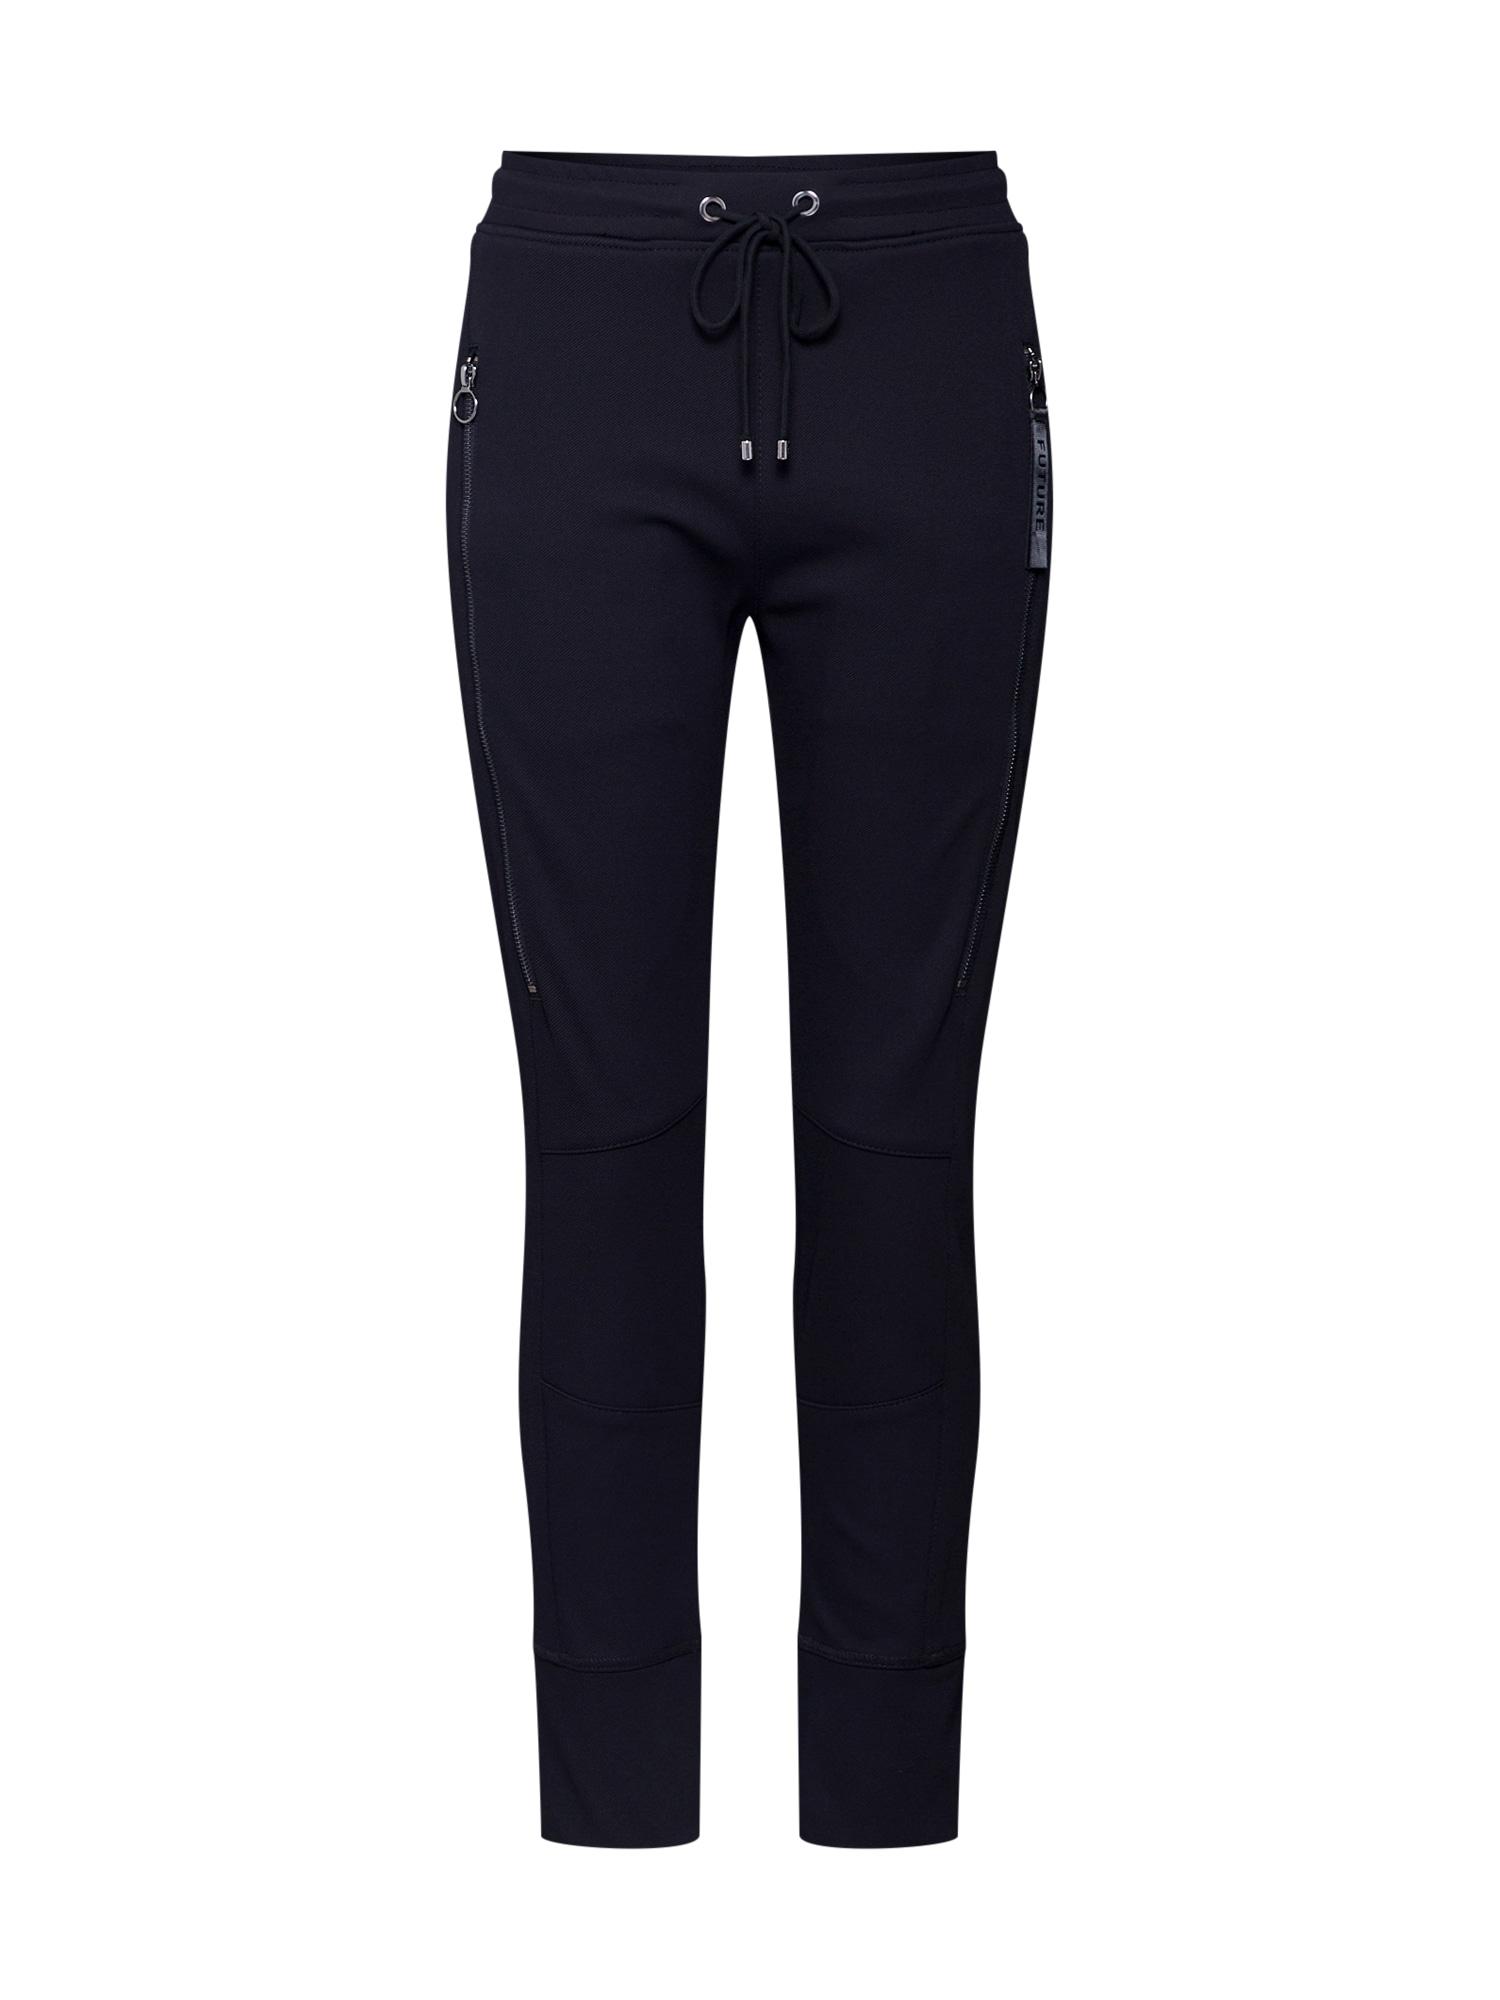 Kalhoty FUTURE 2.0 černá MAC